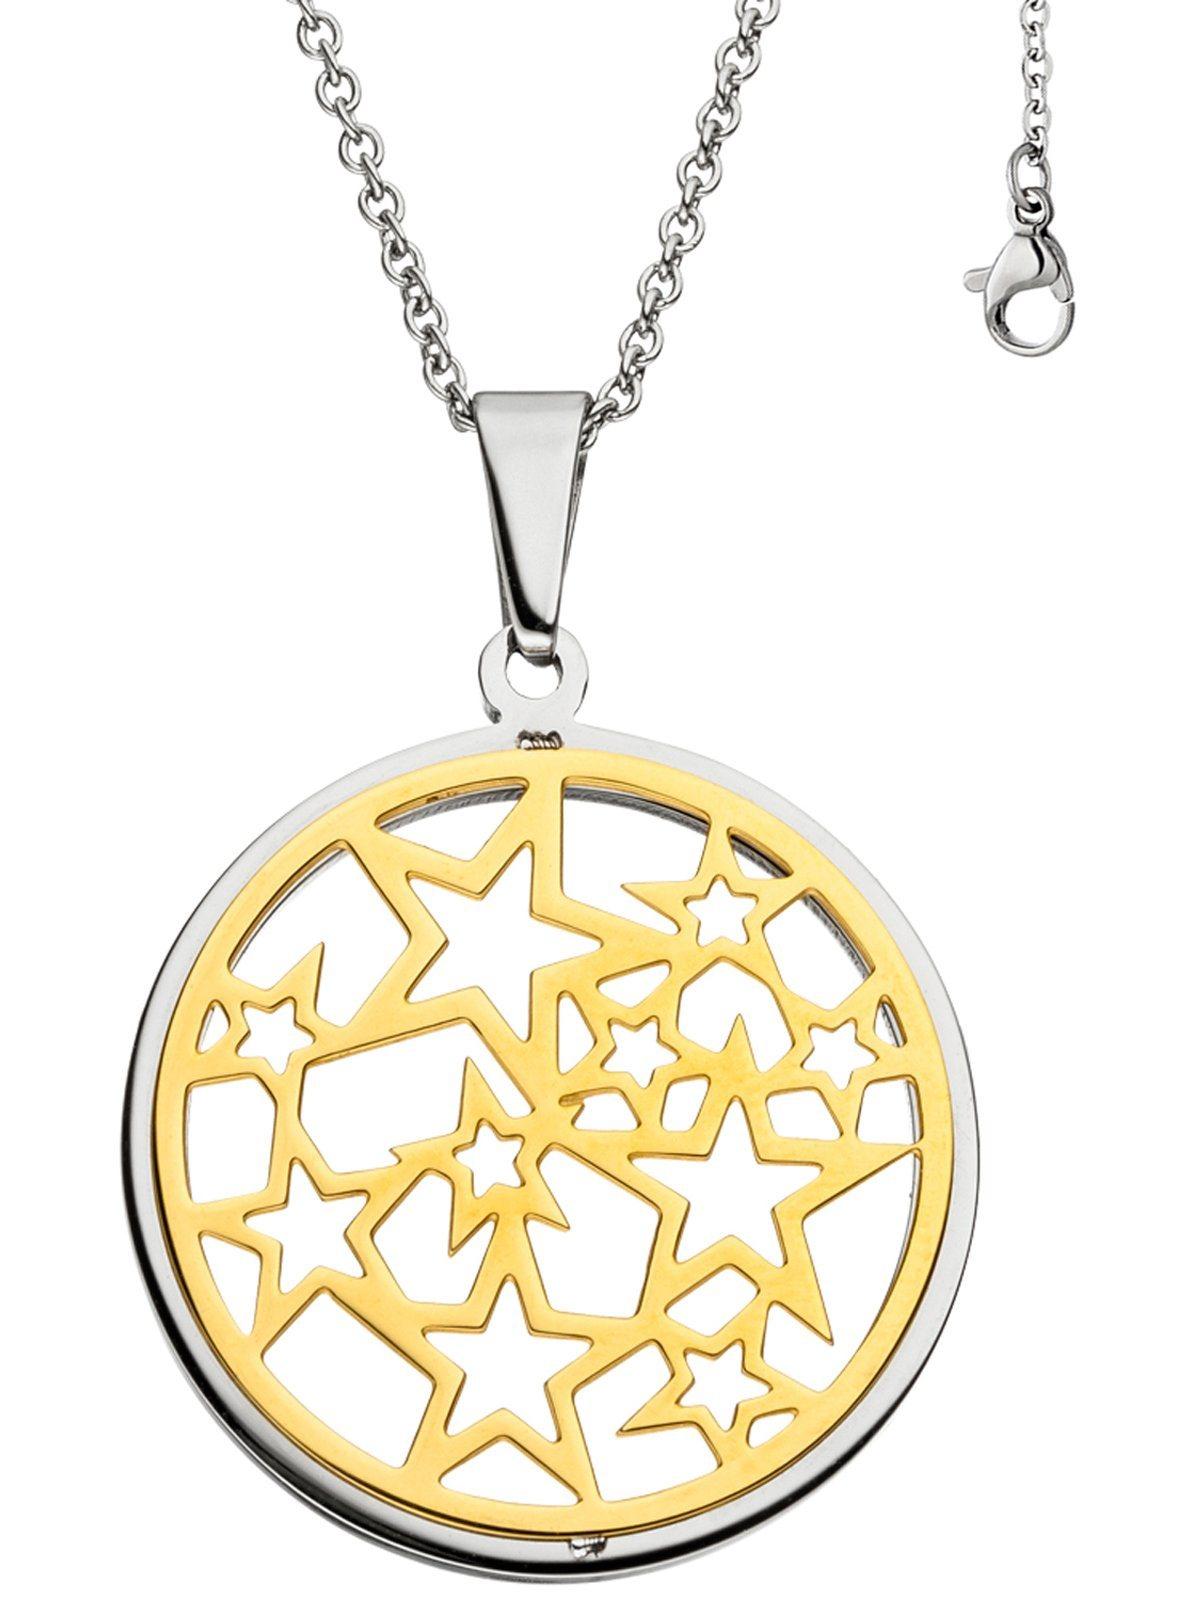 Adelia´s Kettenanhänger »Sterne Anhänger« Edelstahl mit Kette L - 50 cm | Schmuck > Halsketten > Ketten ohne Anhänger | Goldfarben | Adelia´s